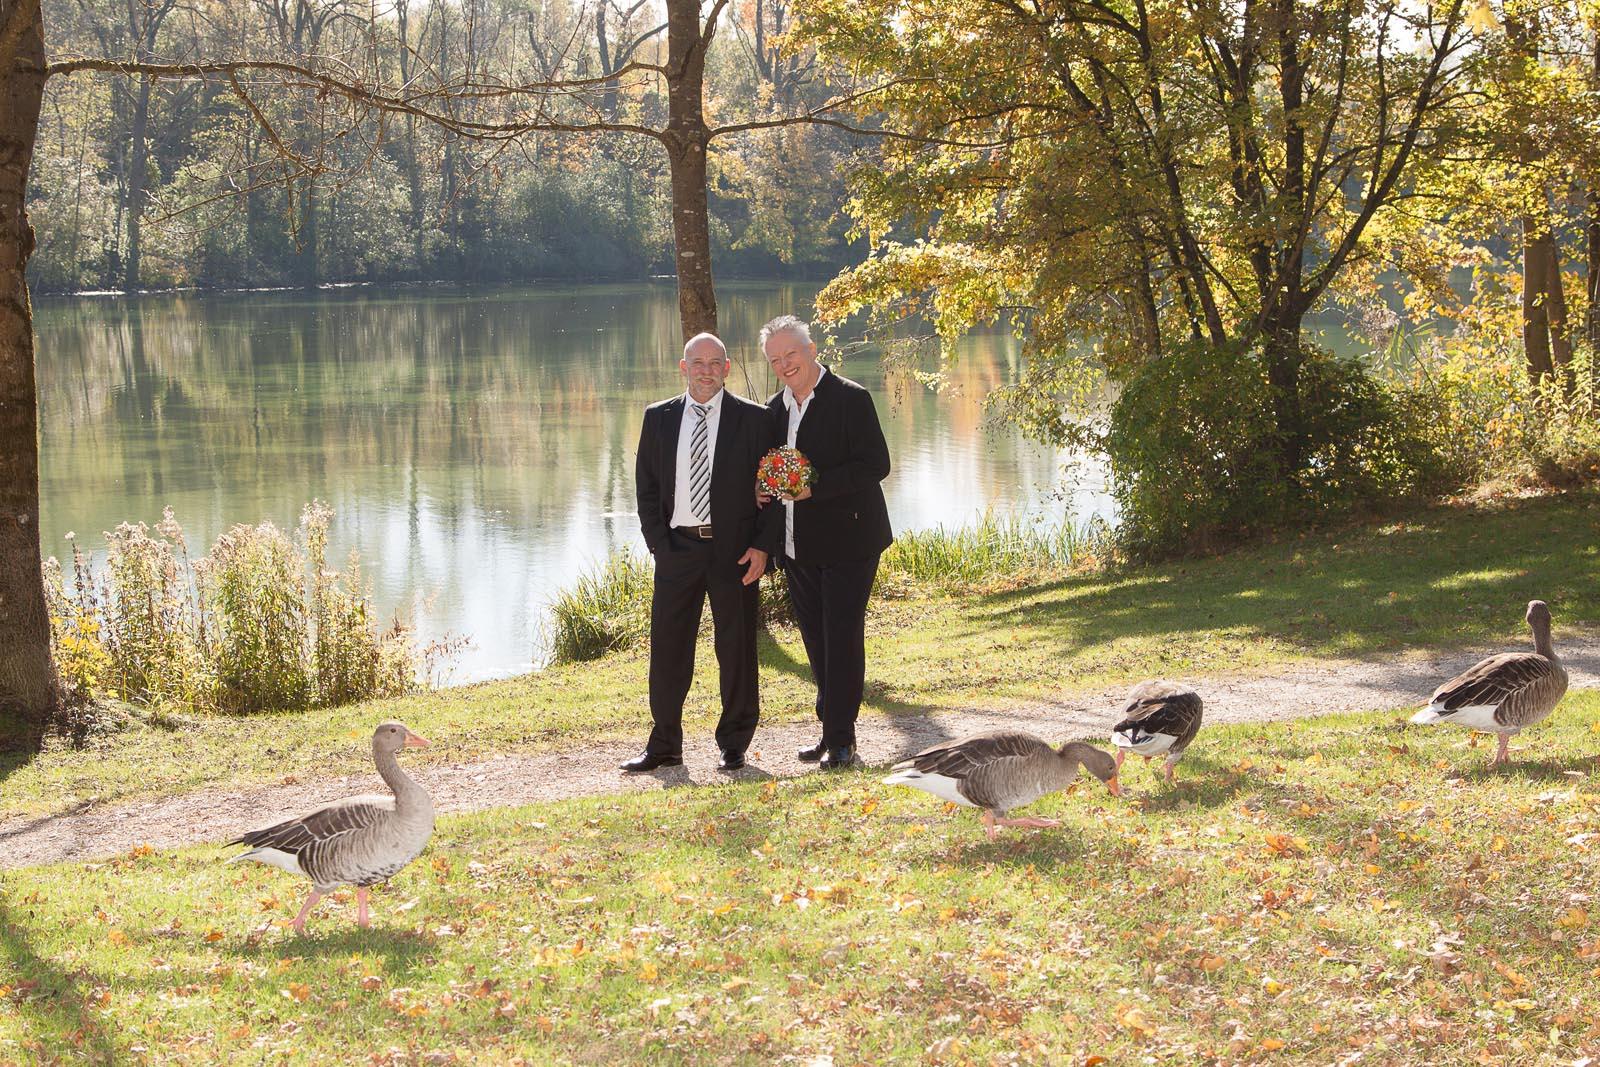 Hochzeit-Portraits.Wohlfarth-Hochzeit-Wohlfahrt-9468.jpg